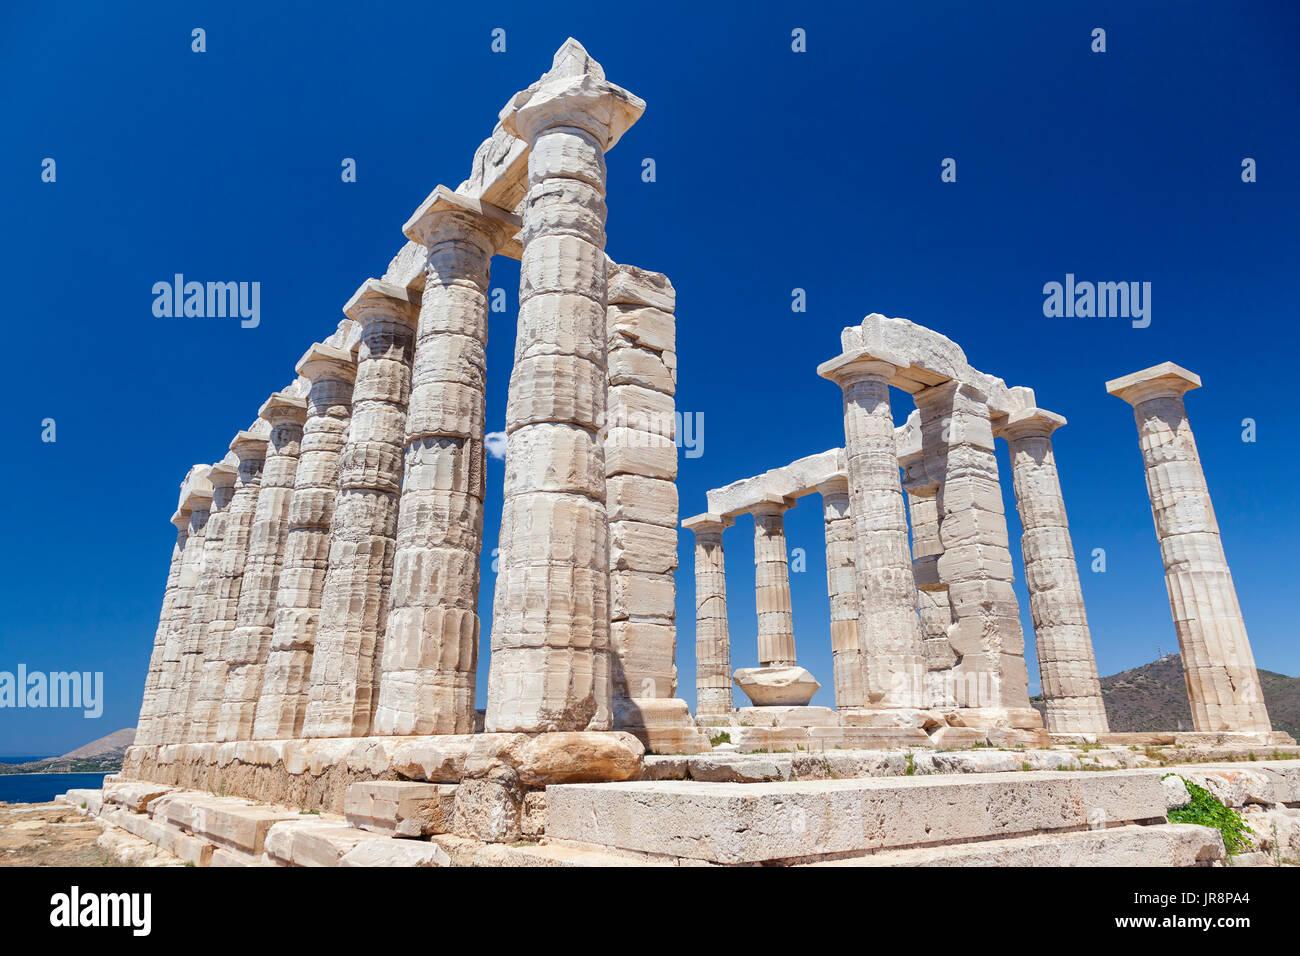 Der Tempel des Poseidon, Kap Sounion auf der bedeutendsten und beliebtesten archäologischen Stätten in Griechenland. Stockbild